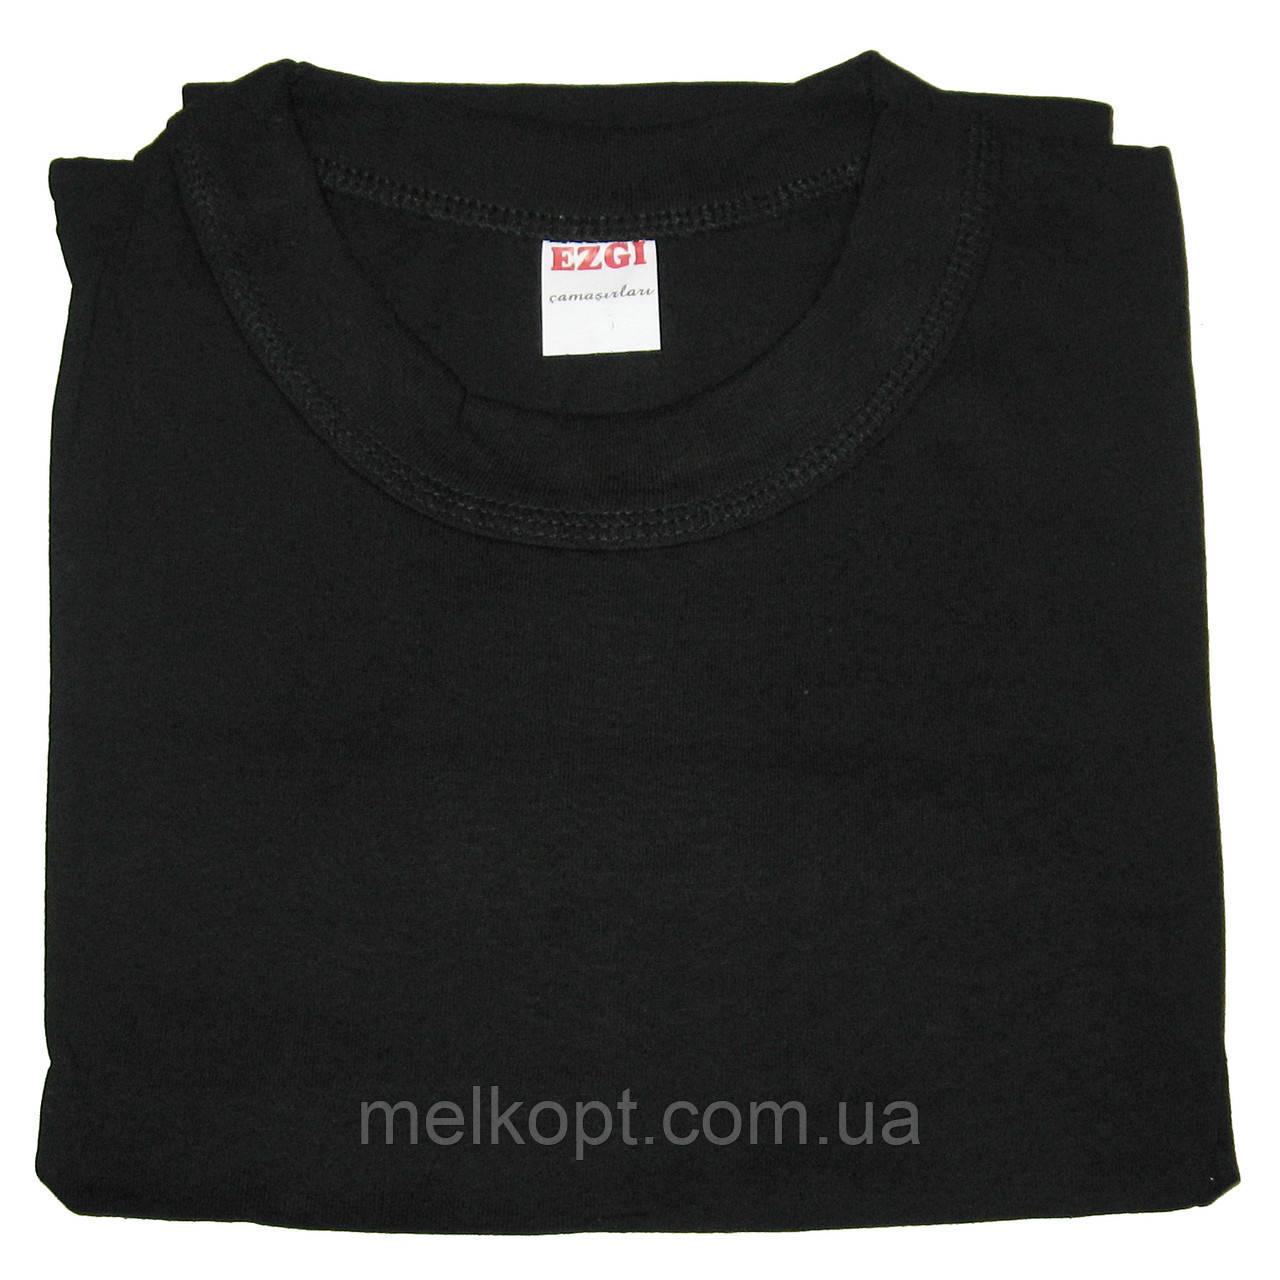 Мужские футболки Ezgi - 72,00 грн./шт. (70-й размер, черные)